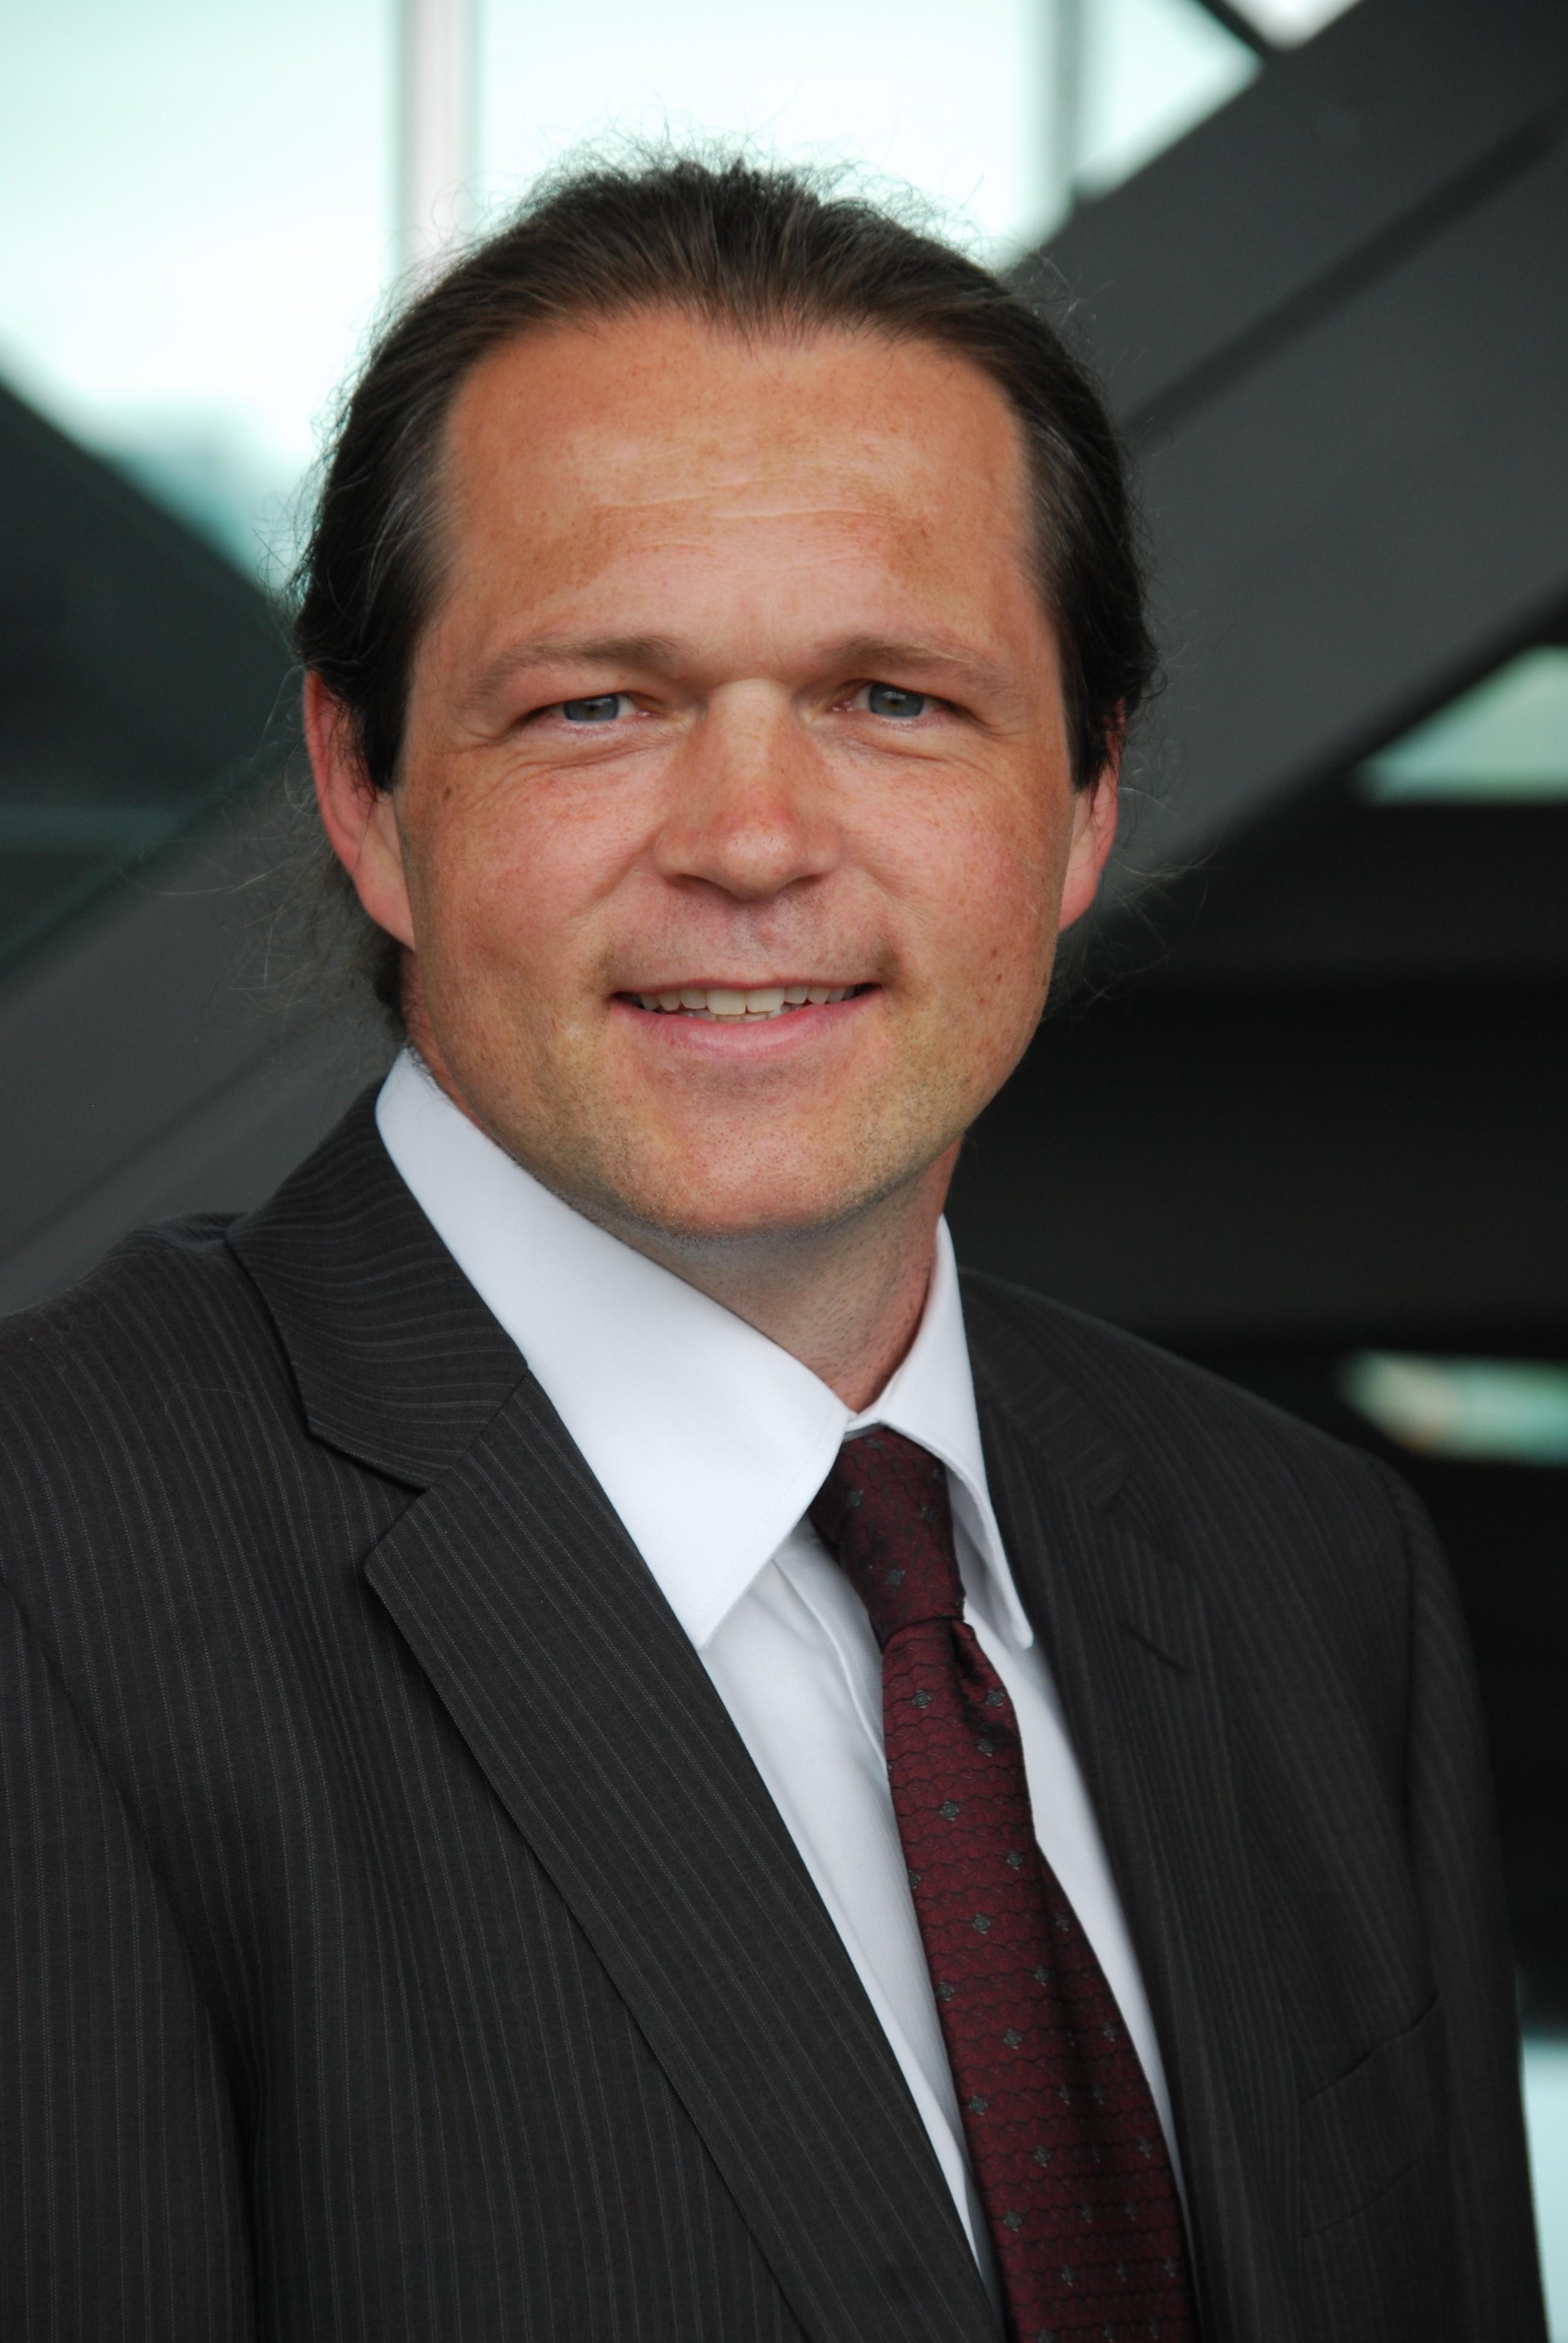 Mario Wühn